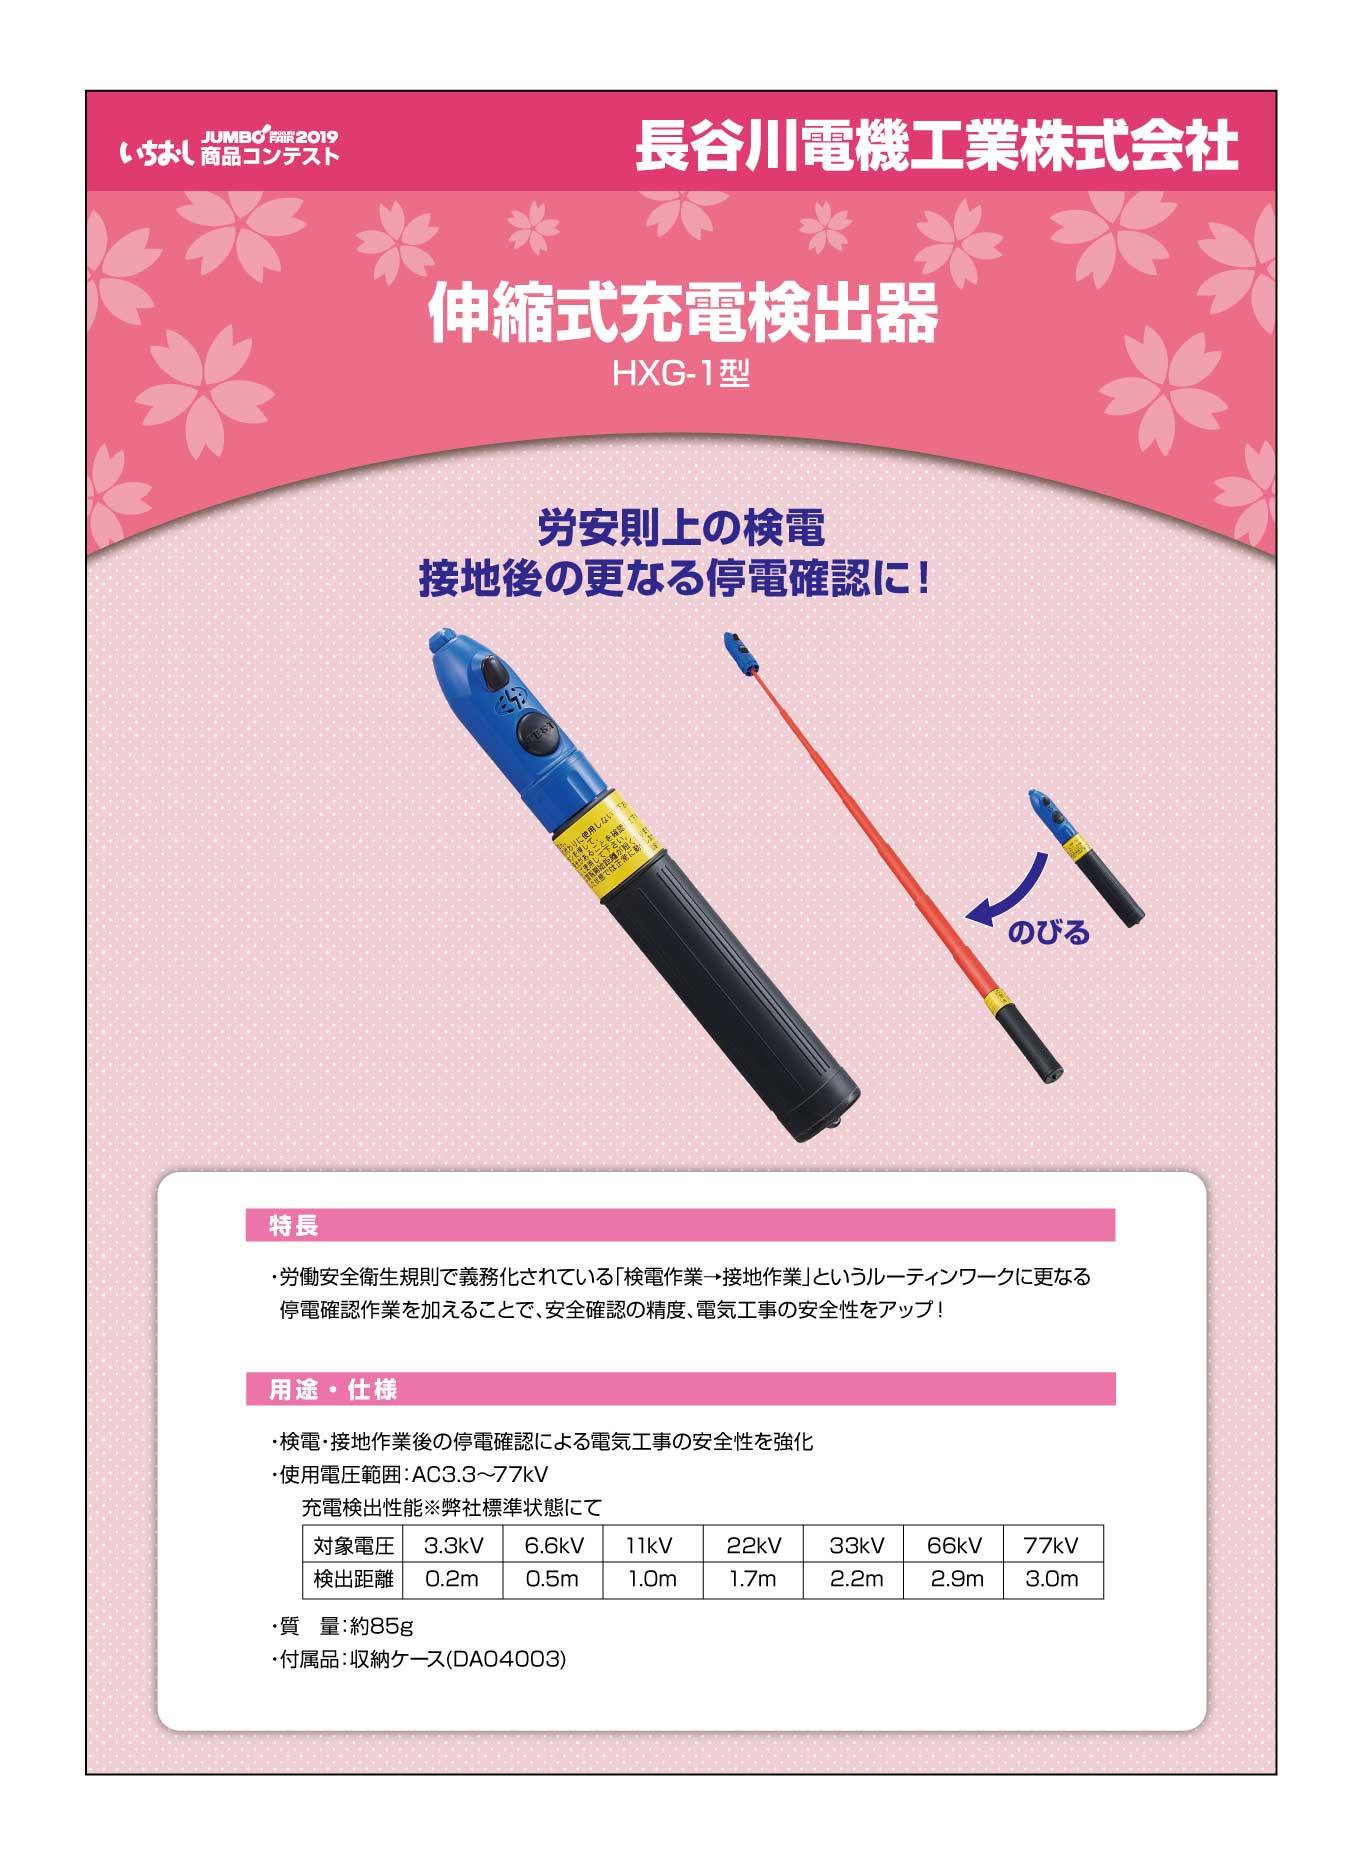 「伸縮式充電検出器」長谷川電機工業株式会社の画像